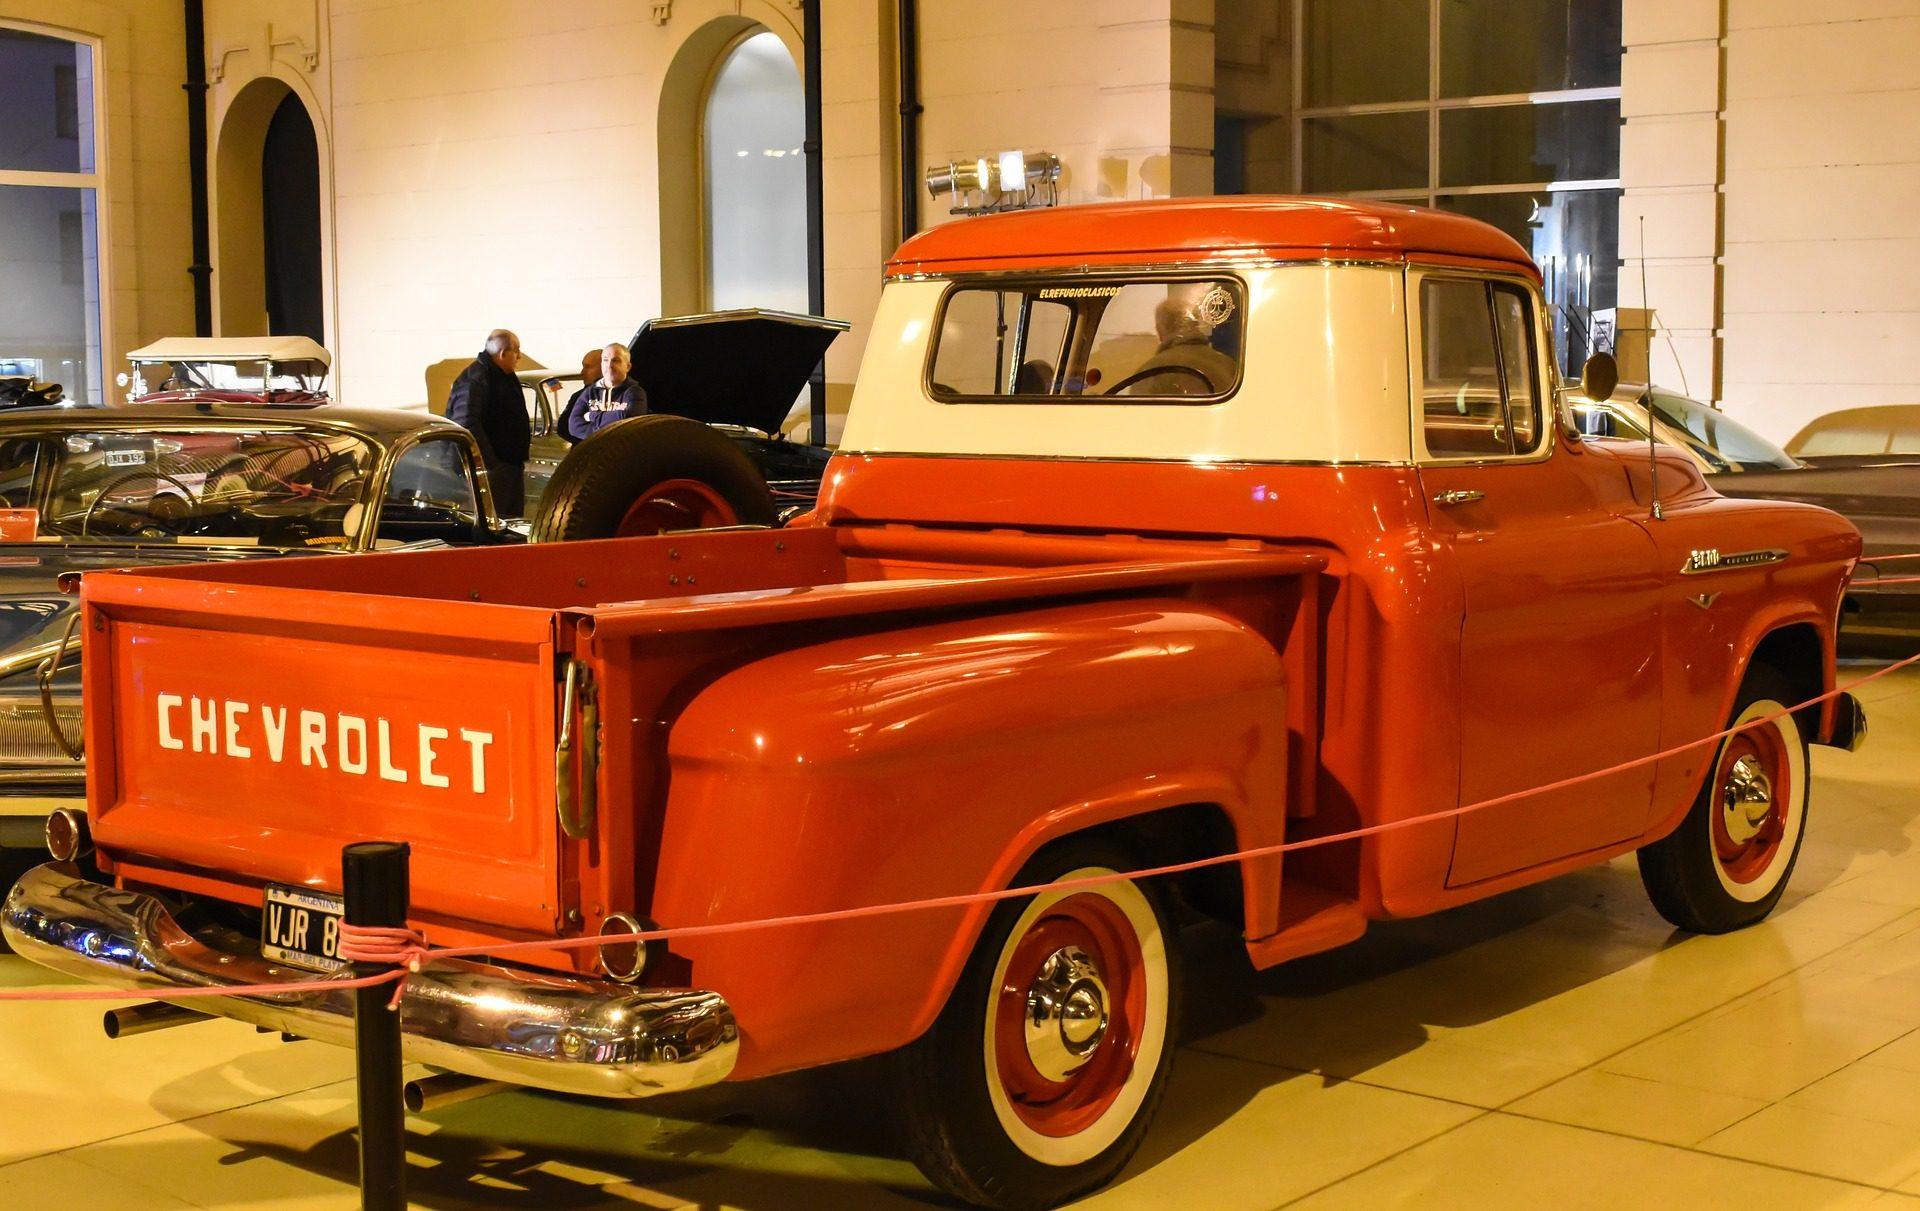 سيارات, شاحنة, القديمة, كلاسيك, خمر, شيفروليه - خلفيات عالية الدقة - أستاذ falken.com